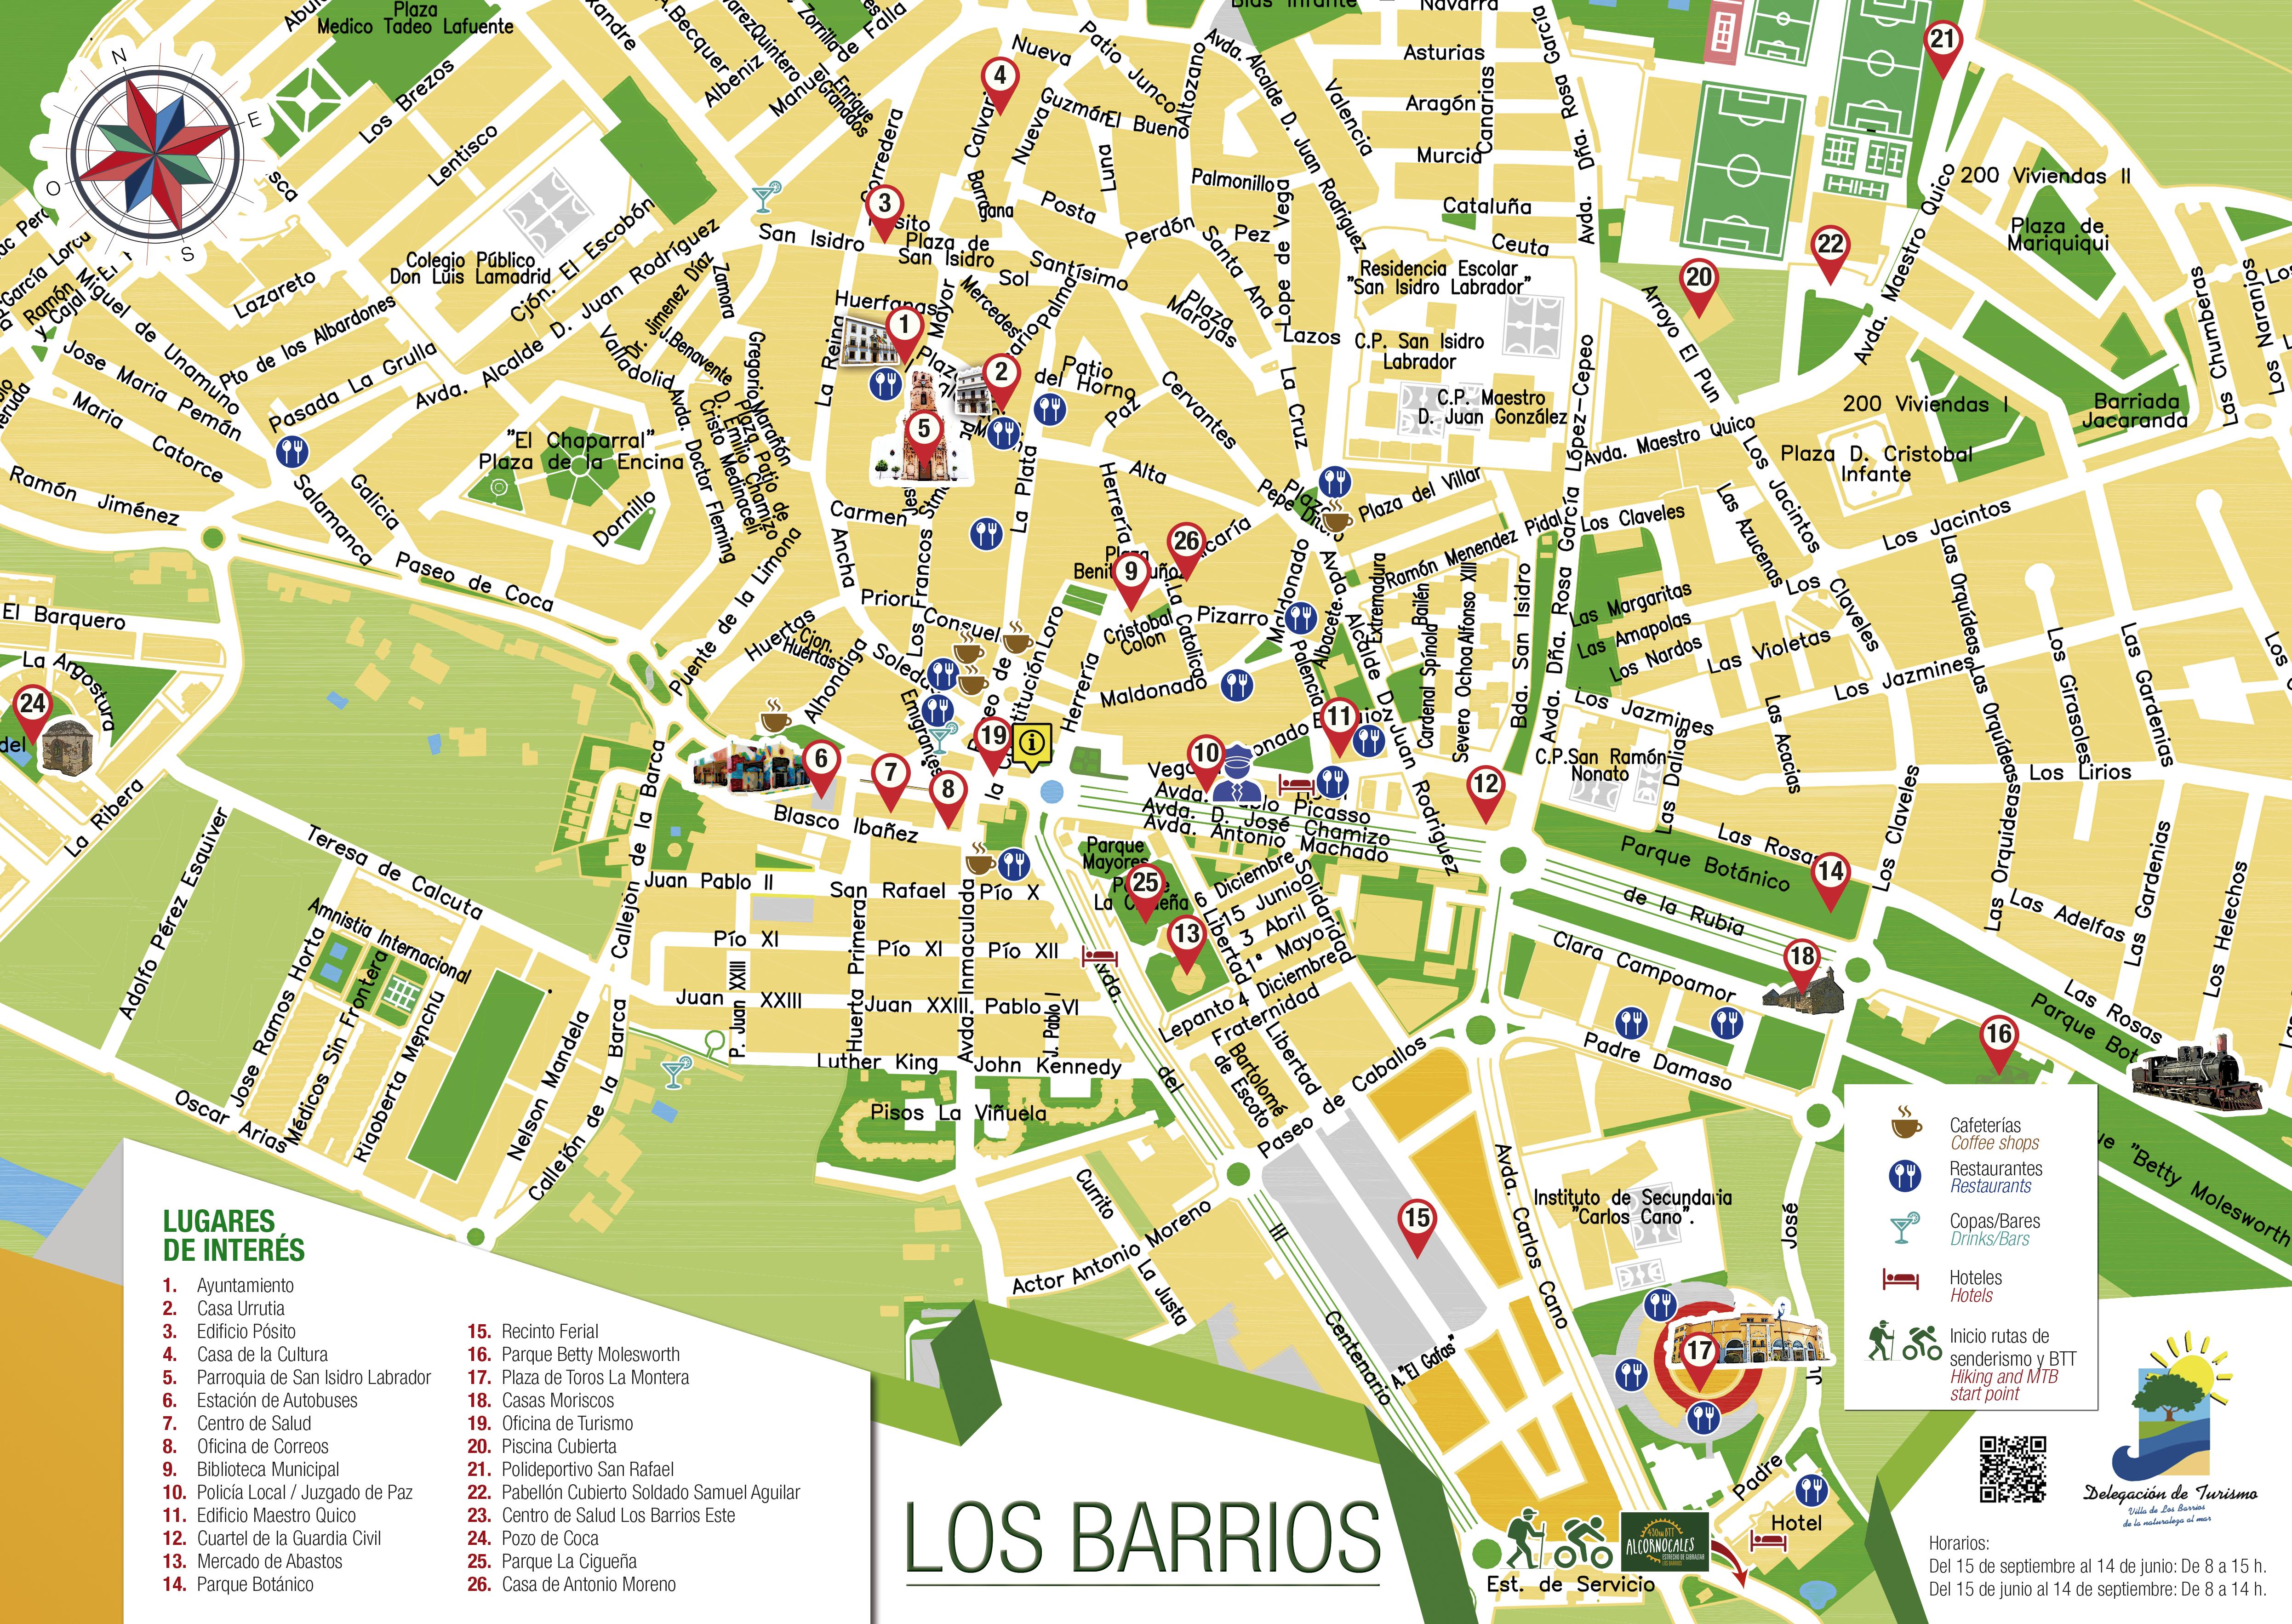 Plano actualizado de Los Barrios